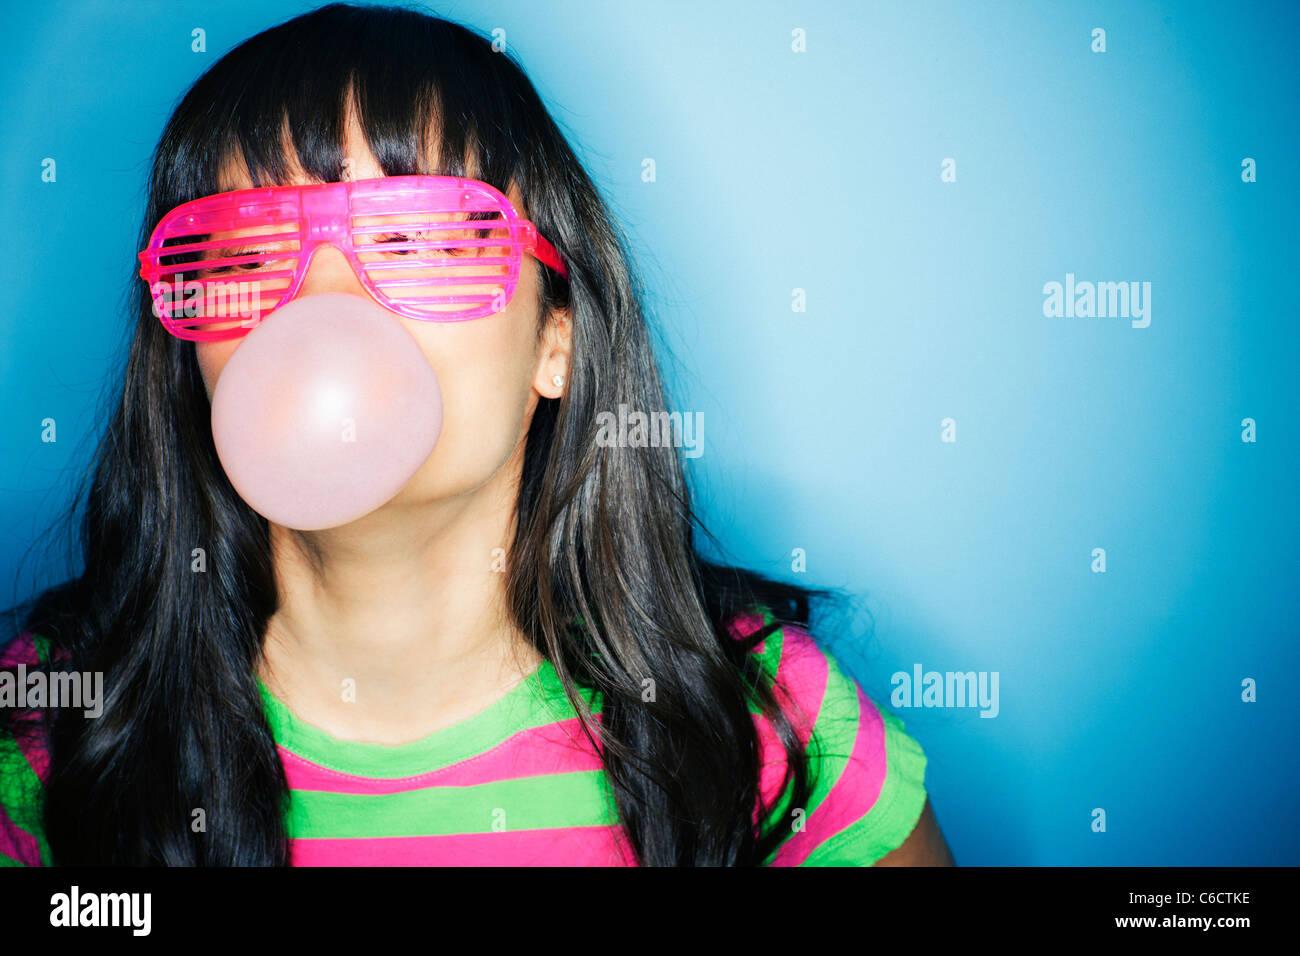 Razza mista donna bolla di soffiaggio con bolla di gomma Foto Stock